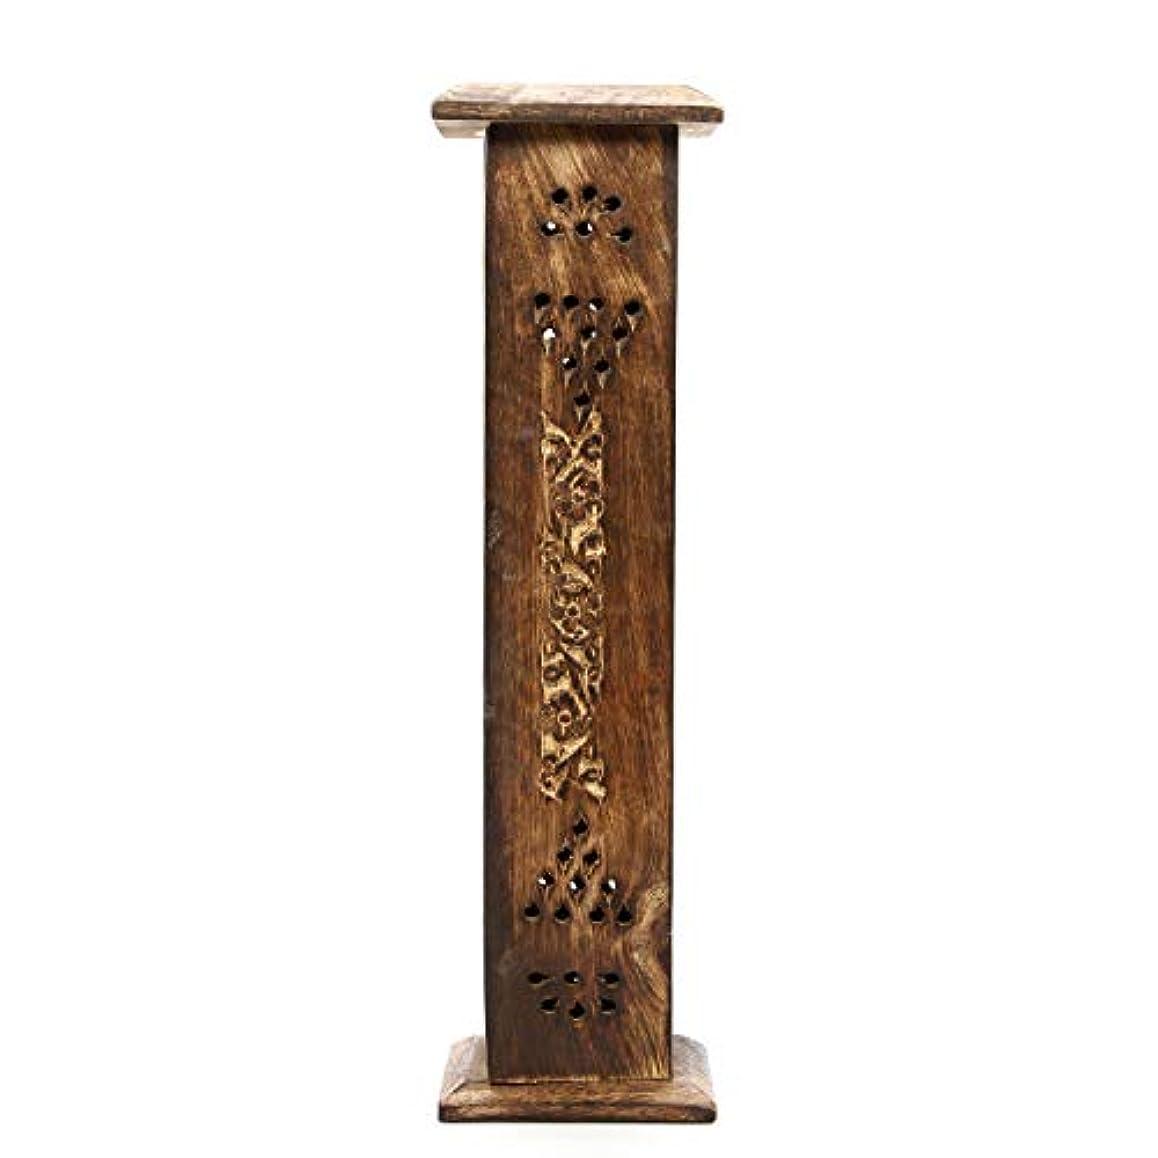 提供されたネスト砲兵Hosley's Wood Incense Tower with 20 Incense Sticks - 30cm High. Ideal Gift for Aromatherapy, Zen, Spa, Vastu,...